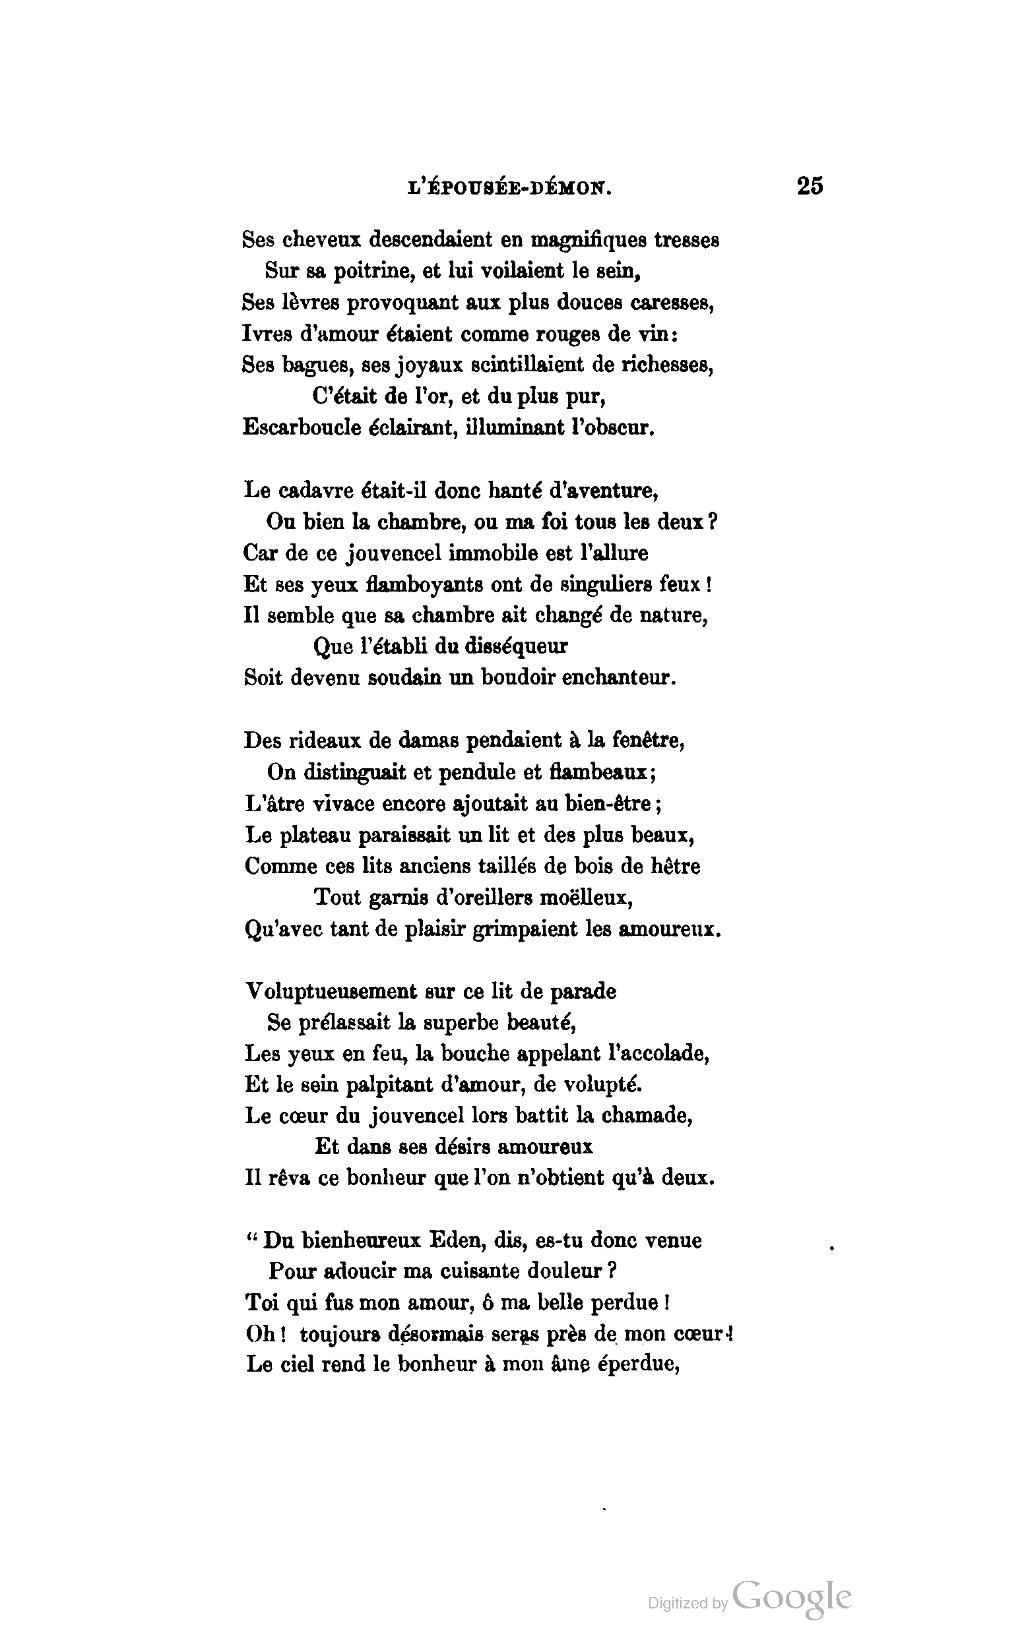 poeme o douleur de l'amour